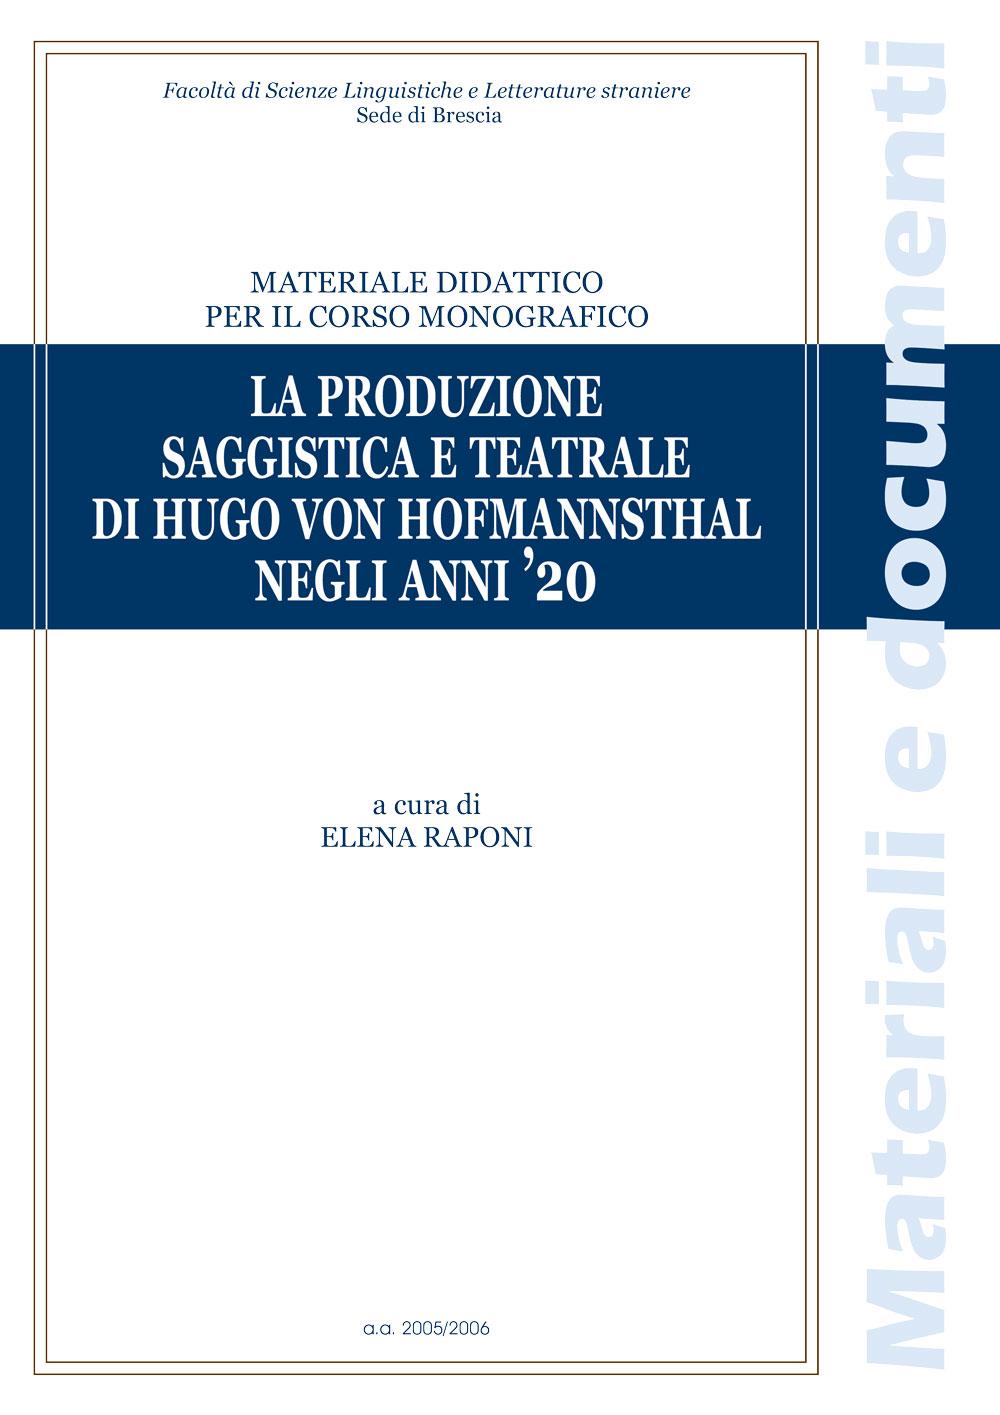 LA PRODUZIONE SAGGISTICA E TEATRALE DI HUGO VON HOFMANNSTHAL NEGLI ANNI '20